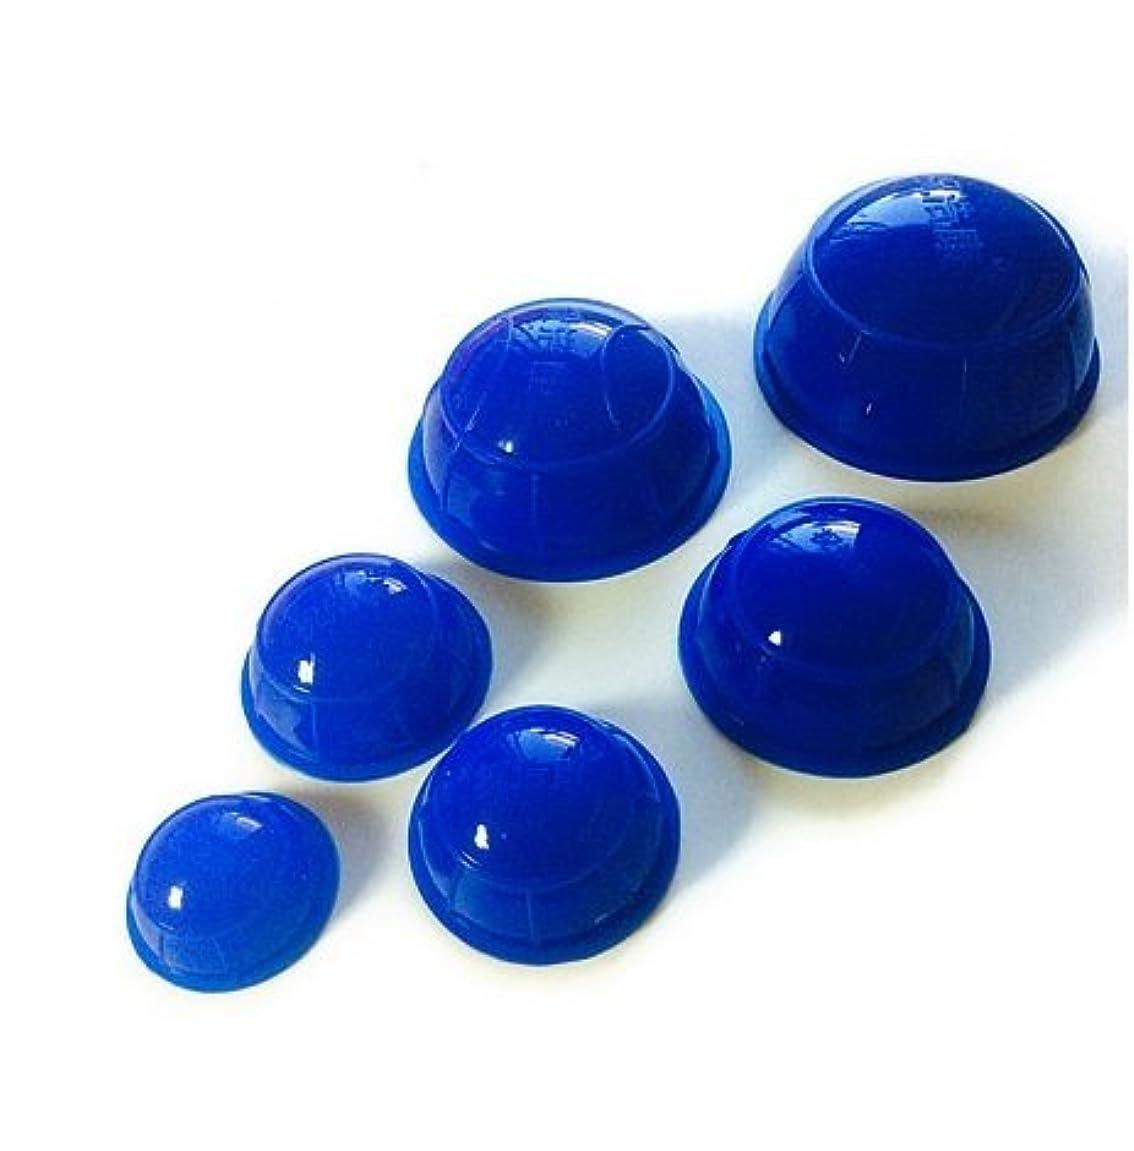 シルエットフィードバックパック簡易 吸い玉6個セット ブルー 大中小5種類の大きさ